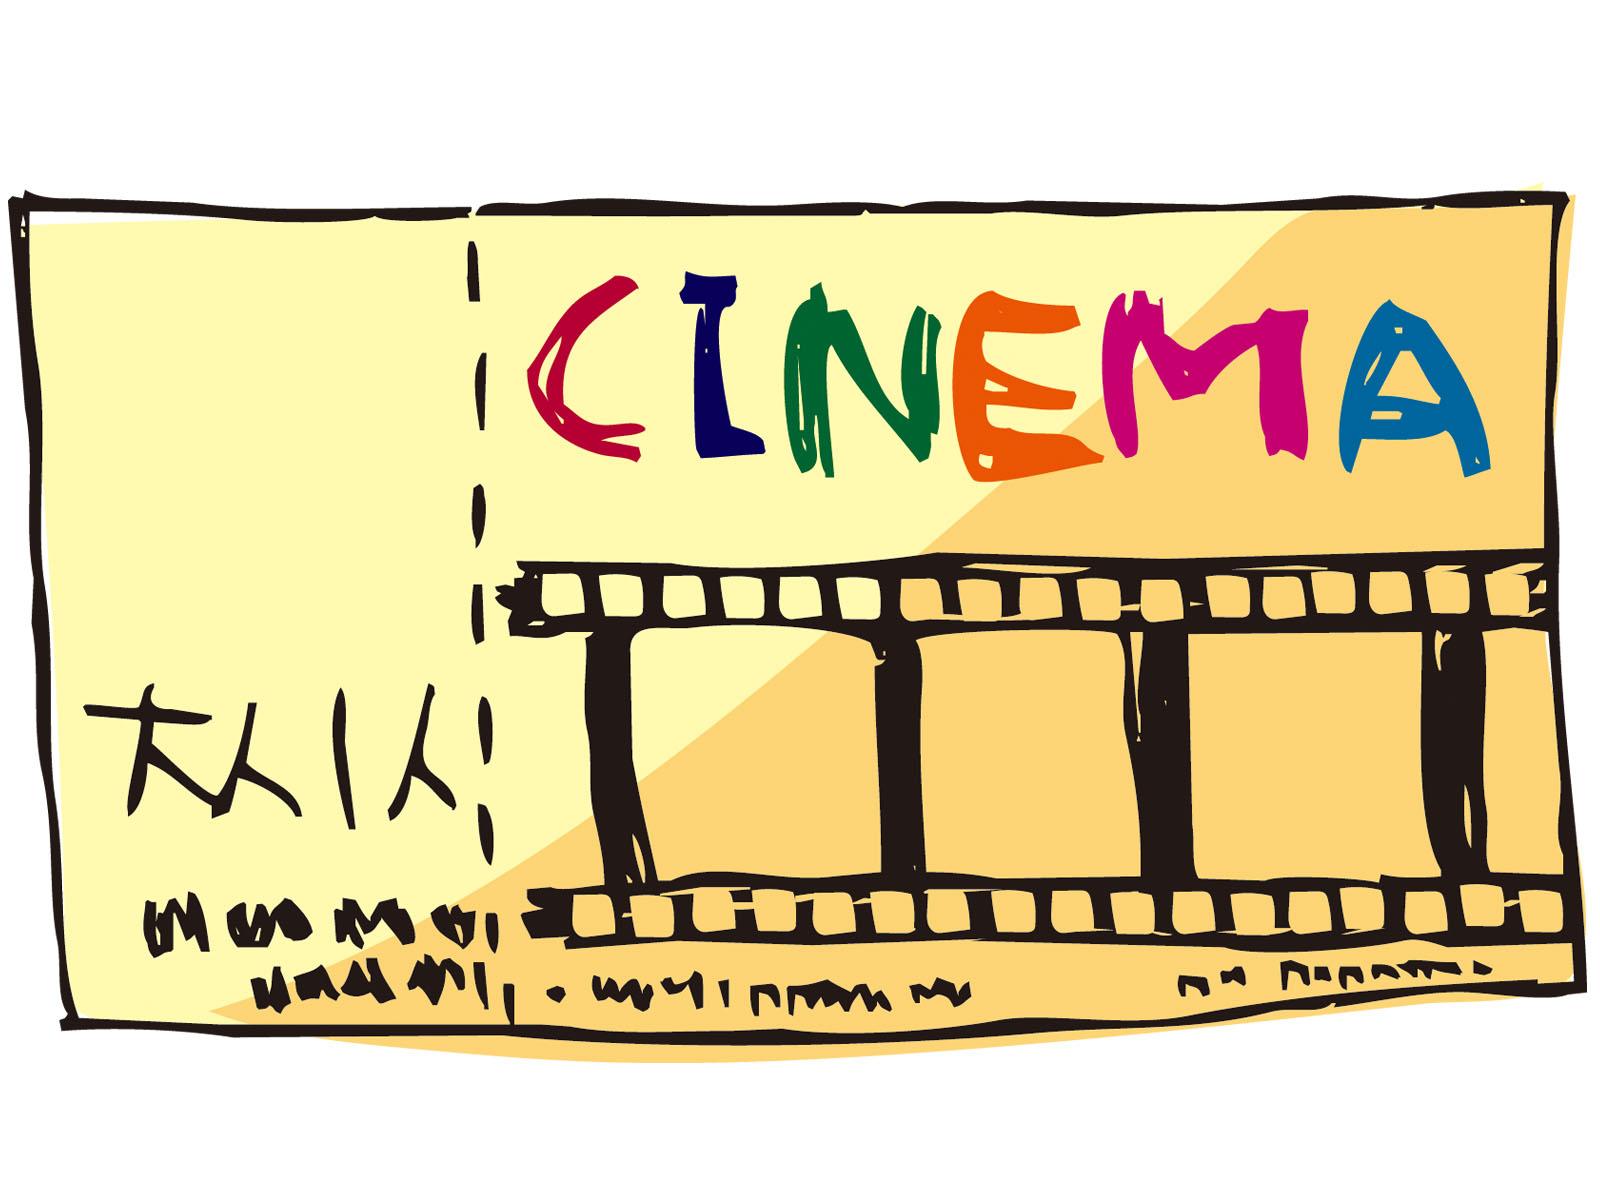 【家時間】こどもが喜ぶ!おうちで映画館ごっこ楽しもう♪